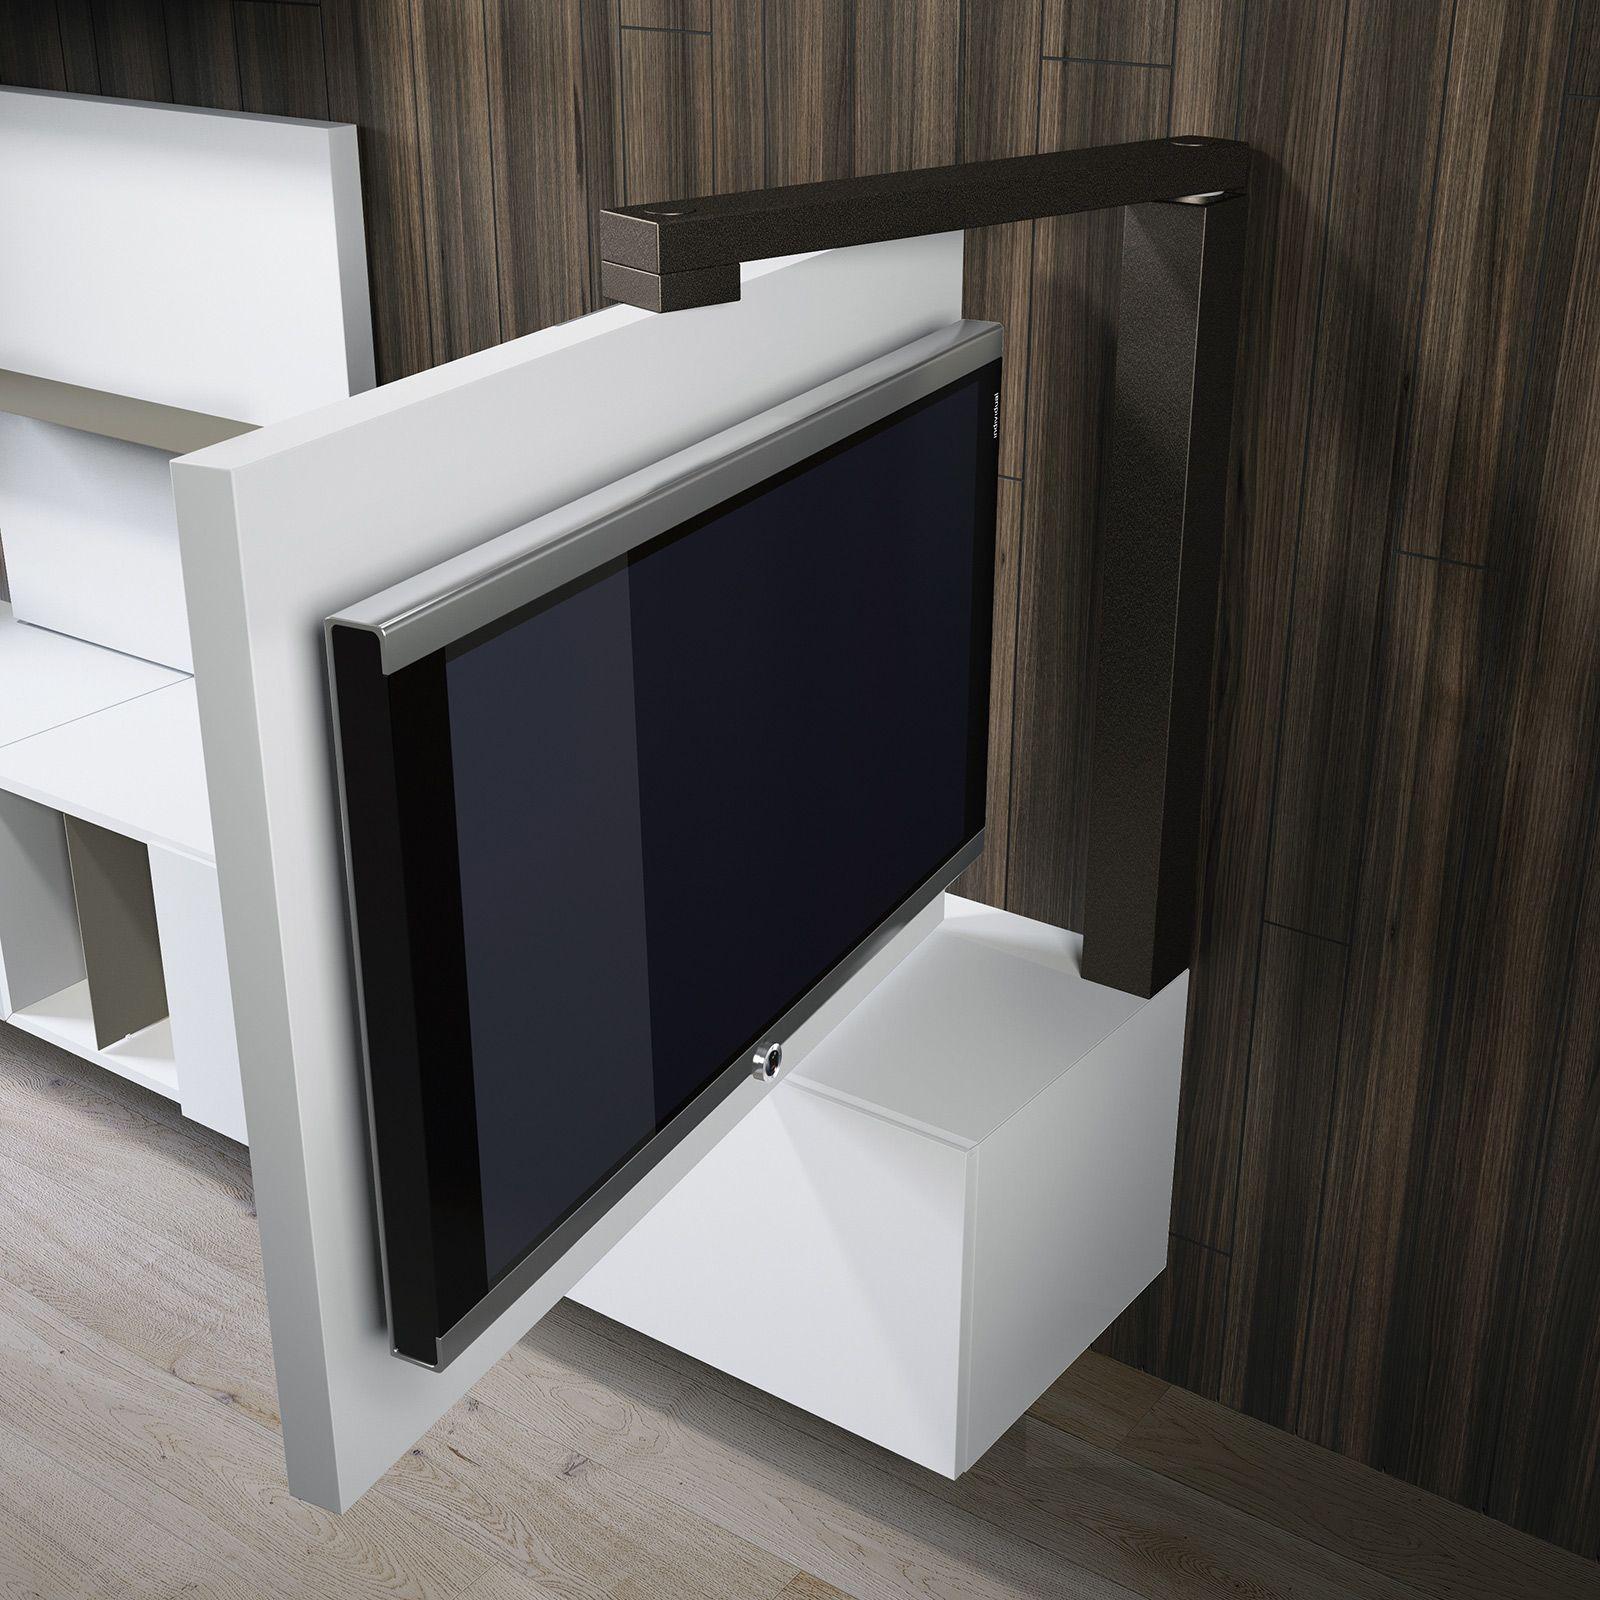 Porta Tv Girevole 360.Porta Tv Orientabile Girevole Full 360 Dettaglio Prodotto